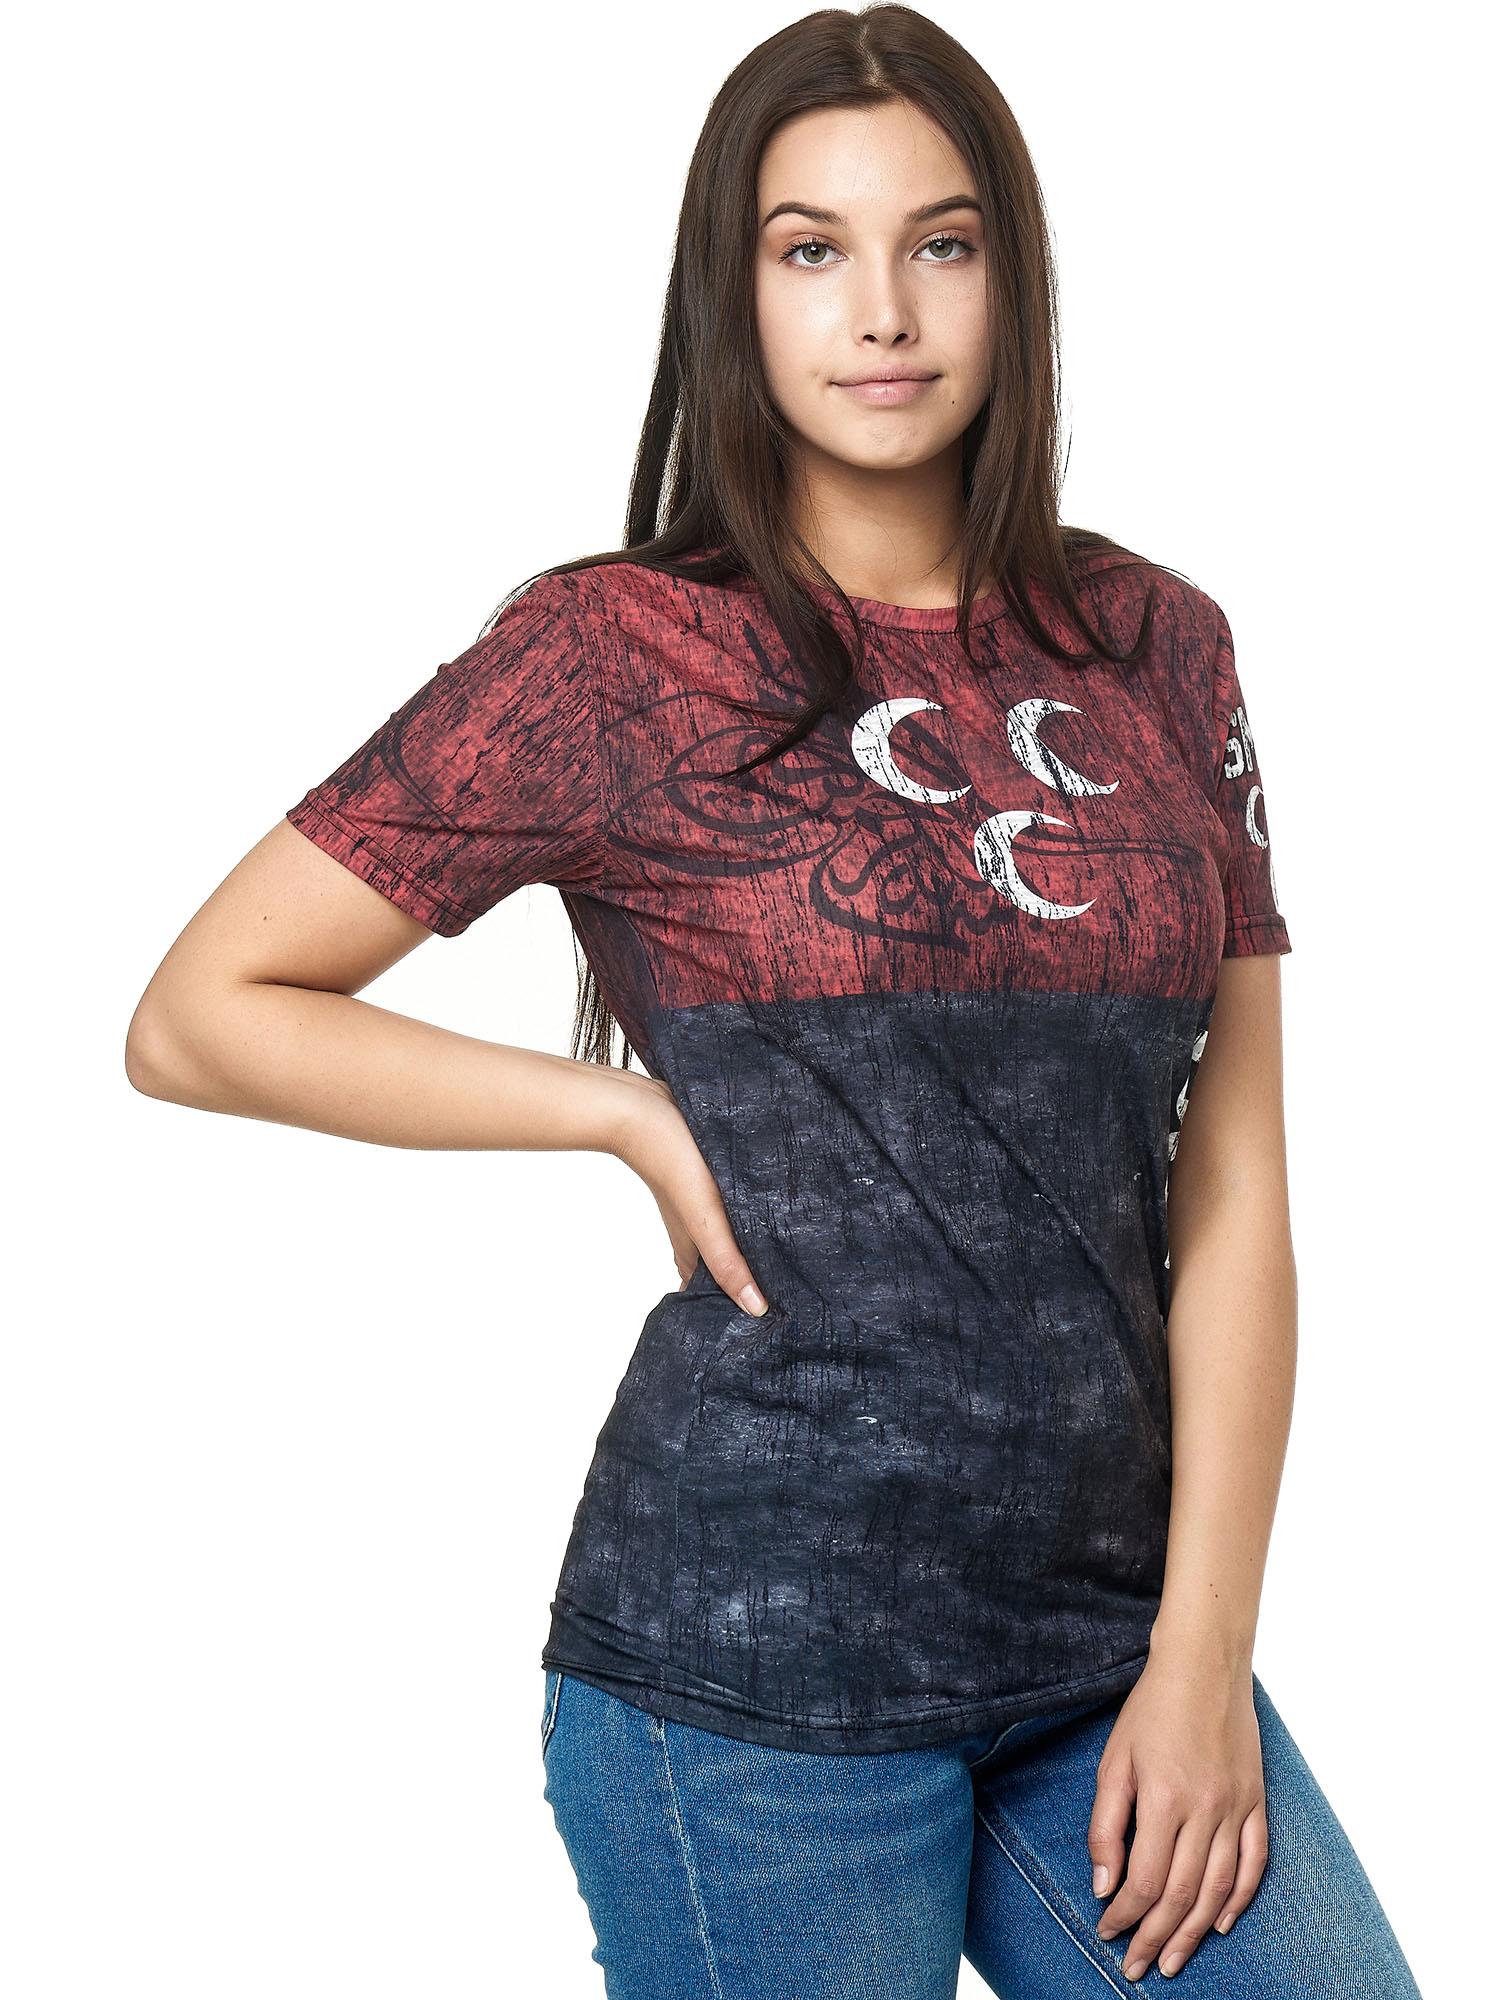 Paesi-da-Donna-T-shirt-A-Maniche-Corte-Girocollo-donne-CALCIO-Fanshirt-John-Kayna miniatura 83